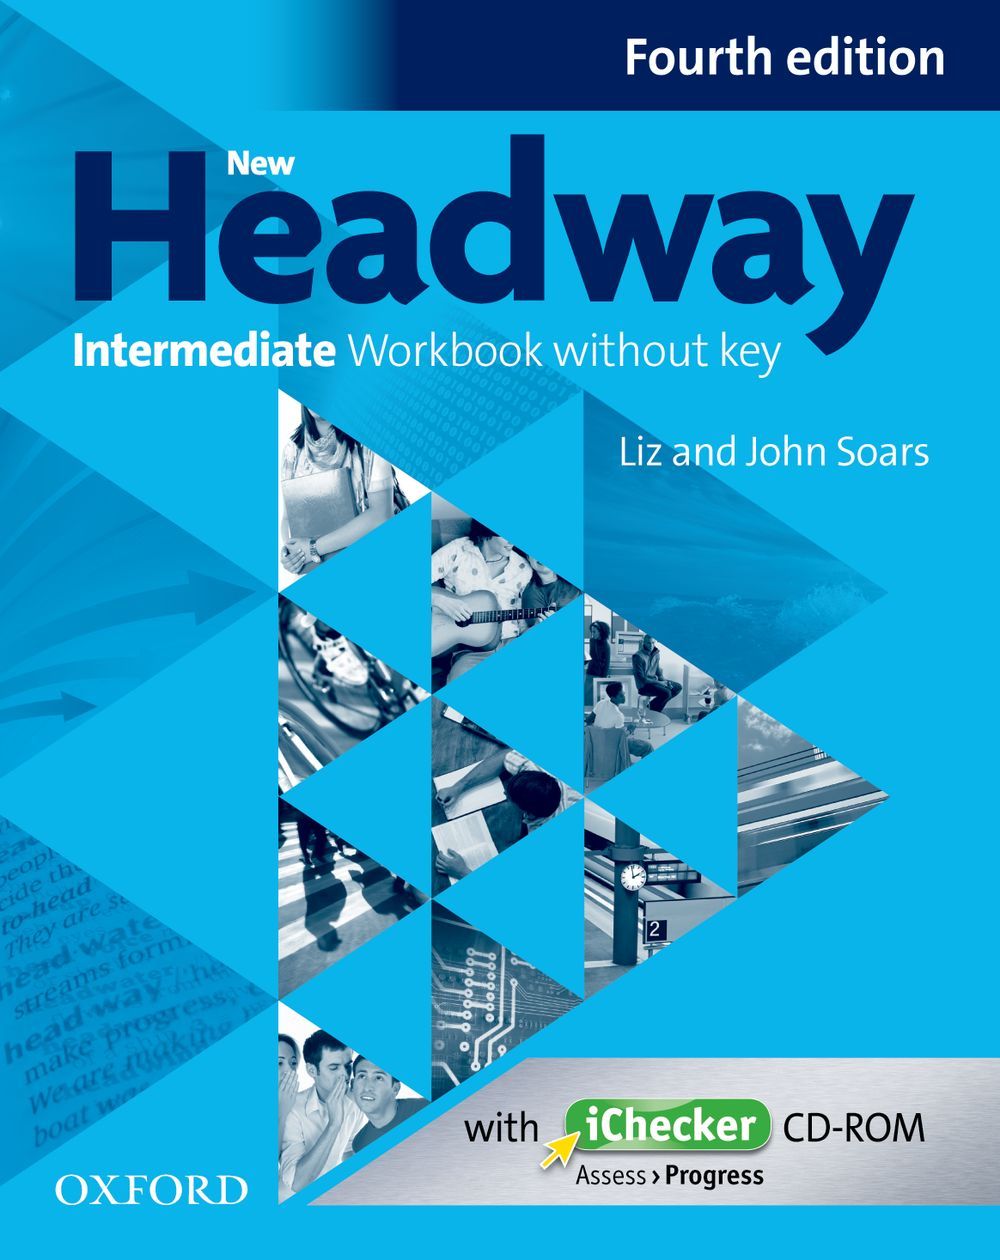 New Headway Intermediate B1 Workbook & iChecker without Key